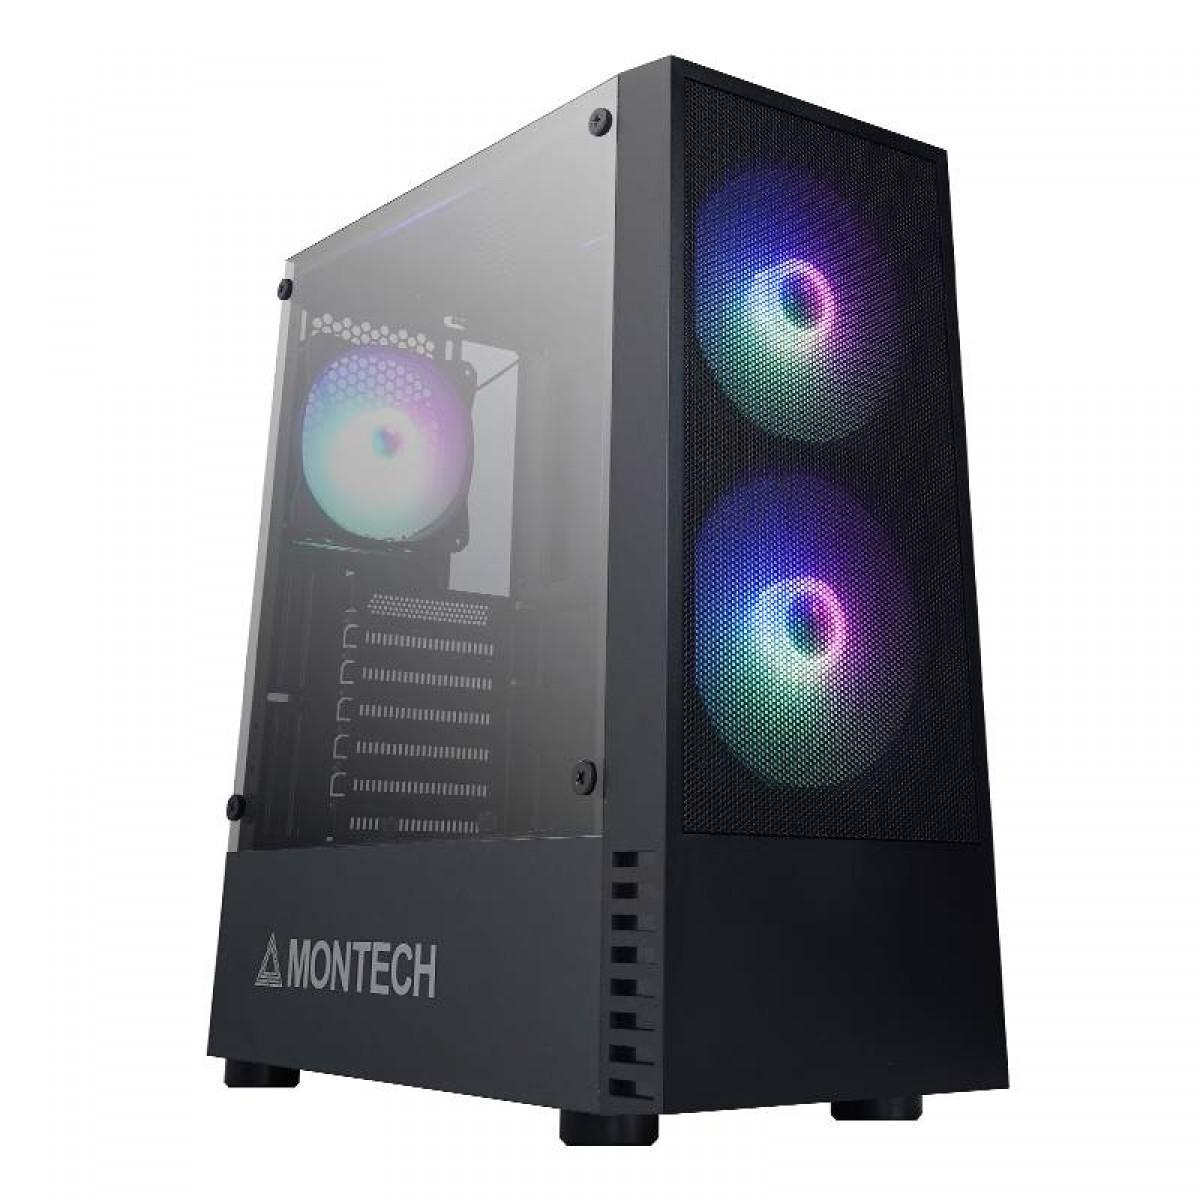 Gabinete Gamer Montech X2 MESH, Mid Tower, Vidro Temperado, Black, ATX, Sem Fonte, Com 3 Fans RGB